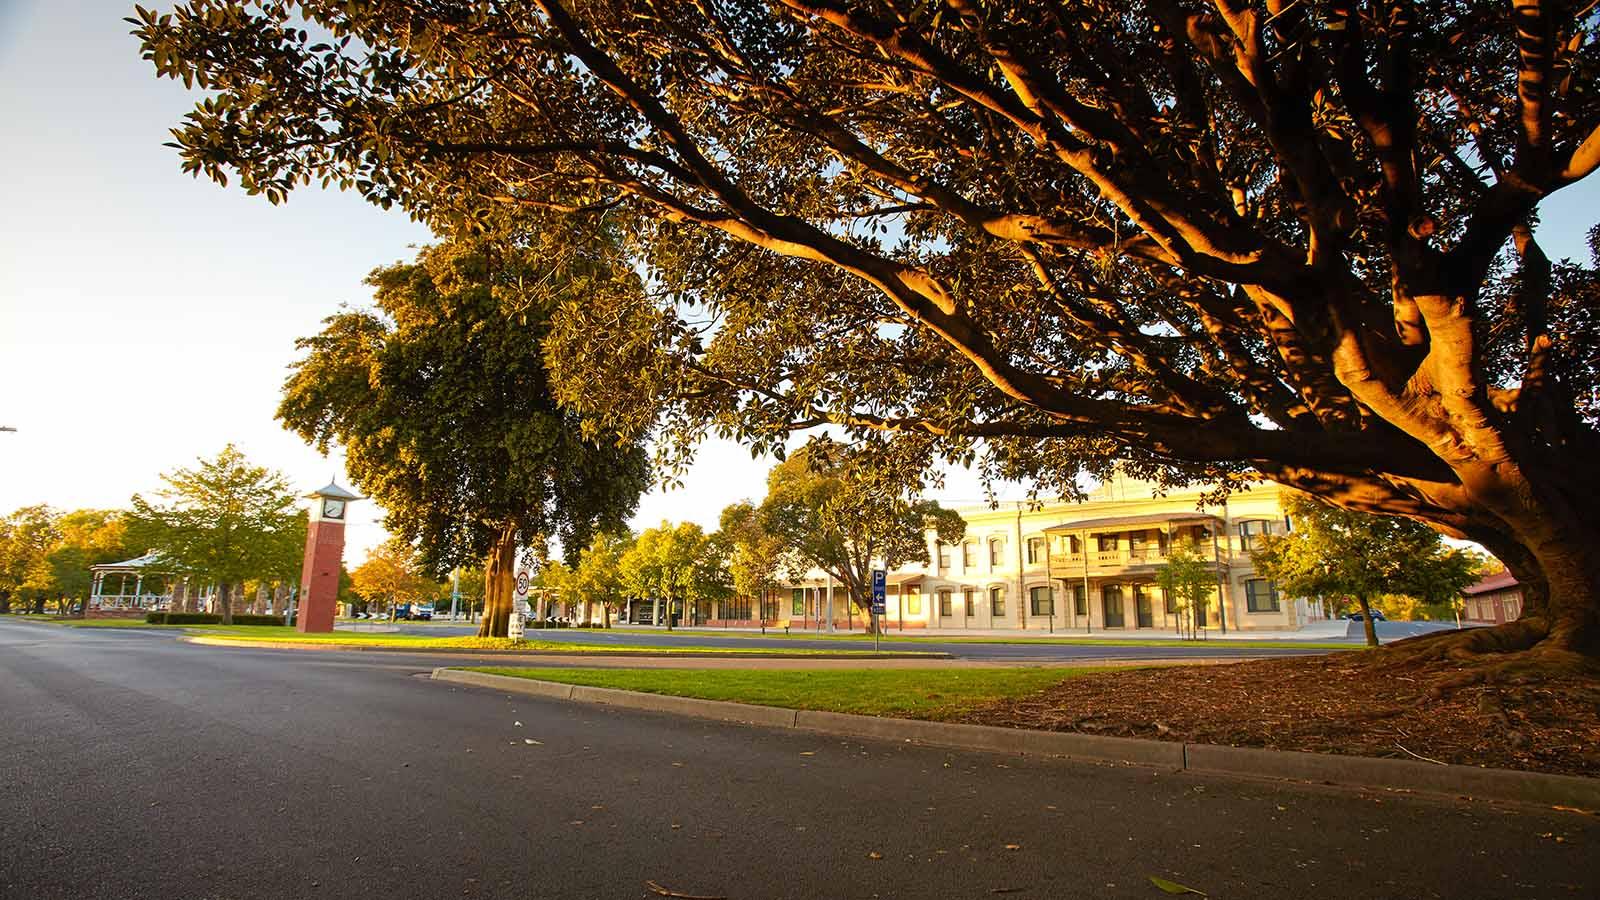 Maffra, Gippsland, Victoria, Australia